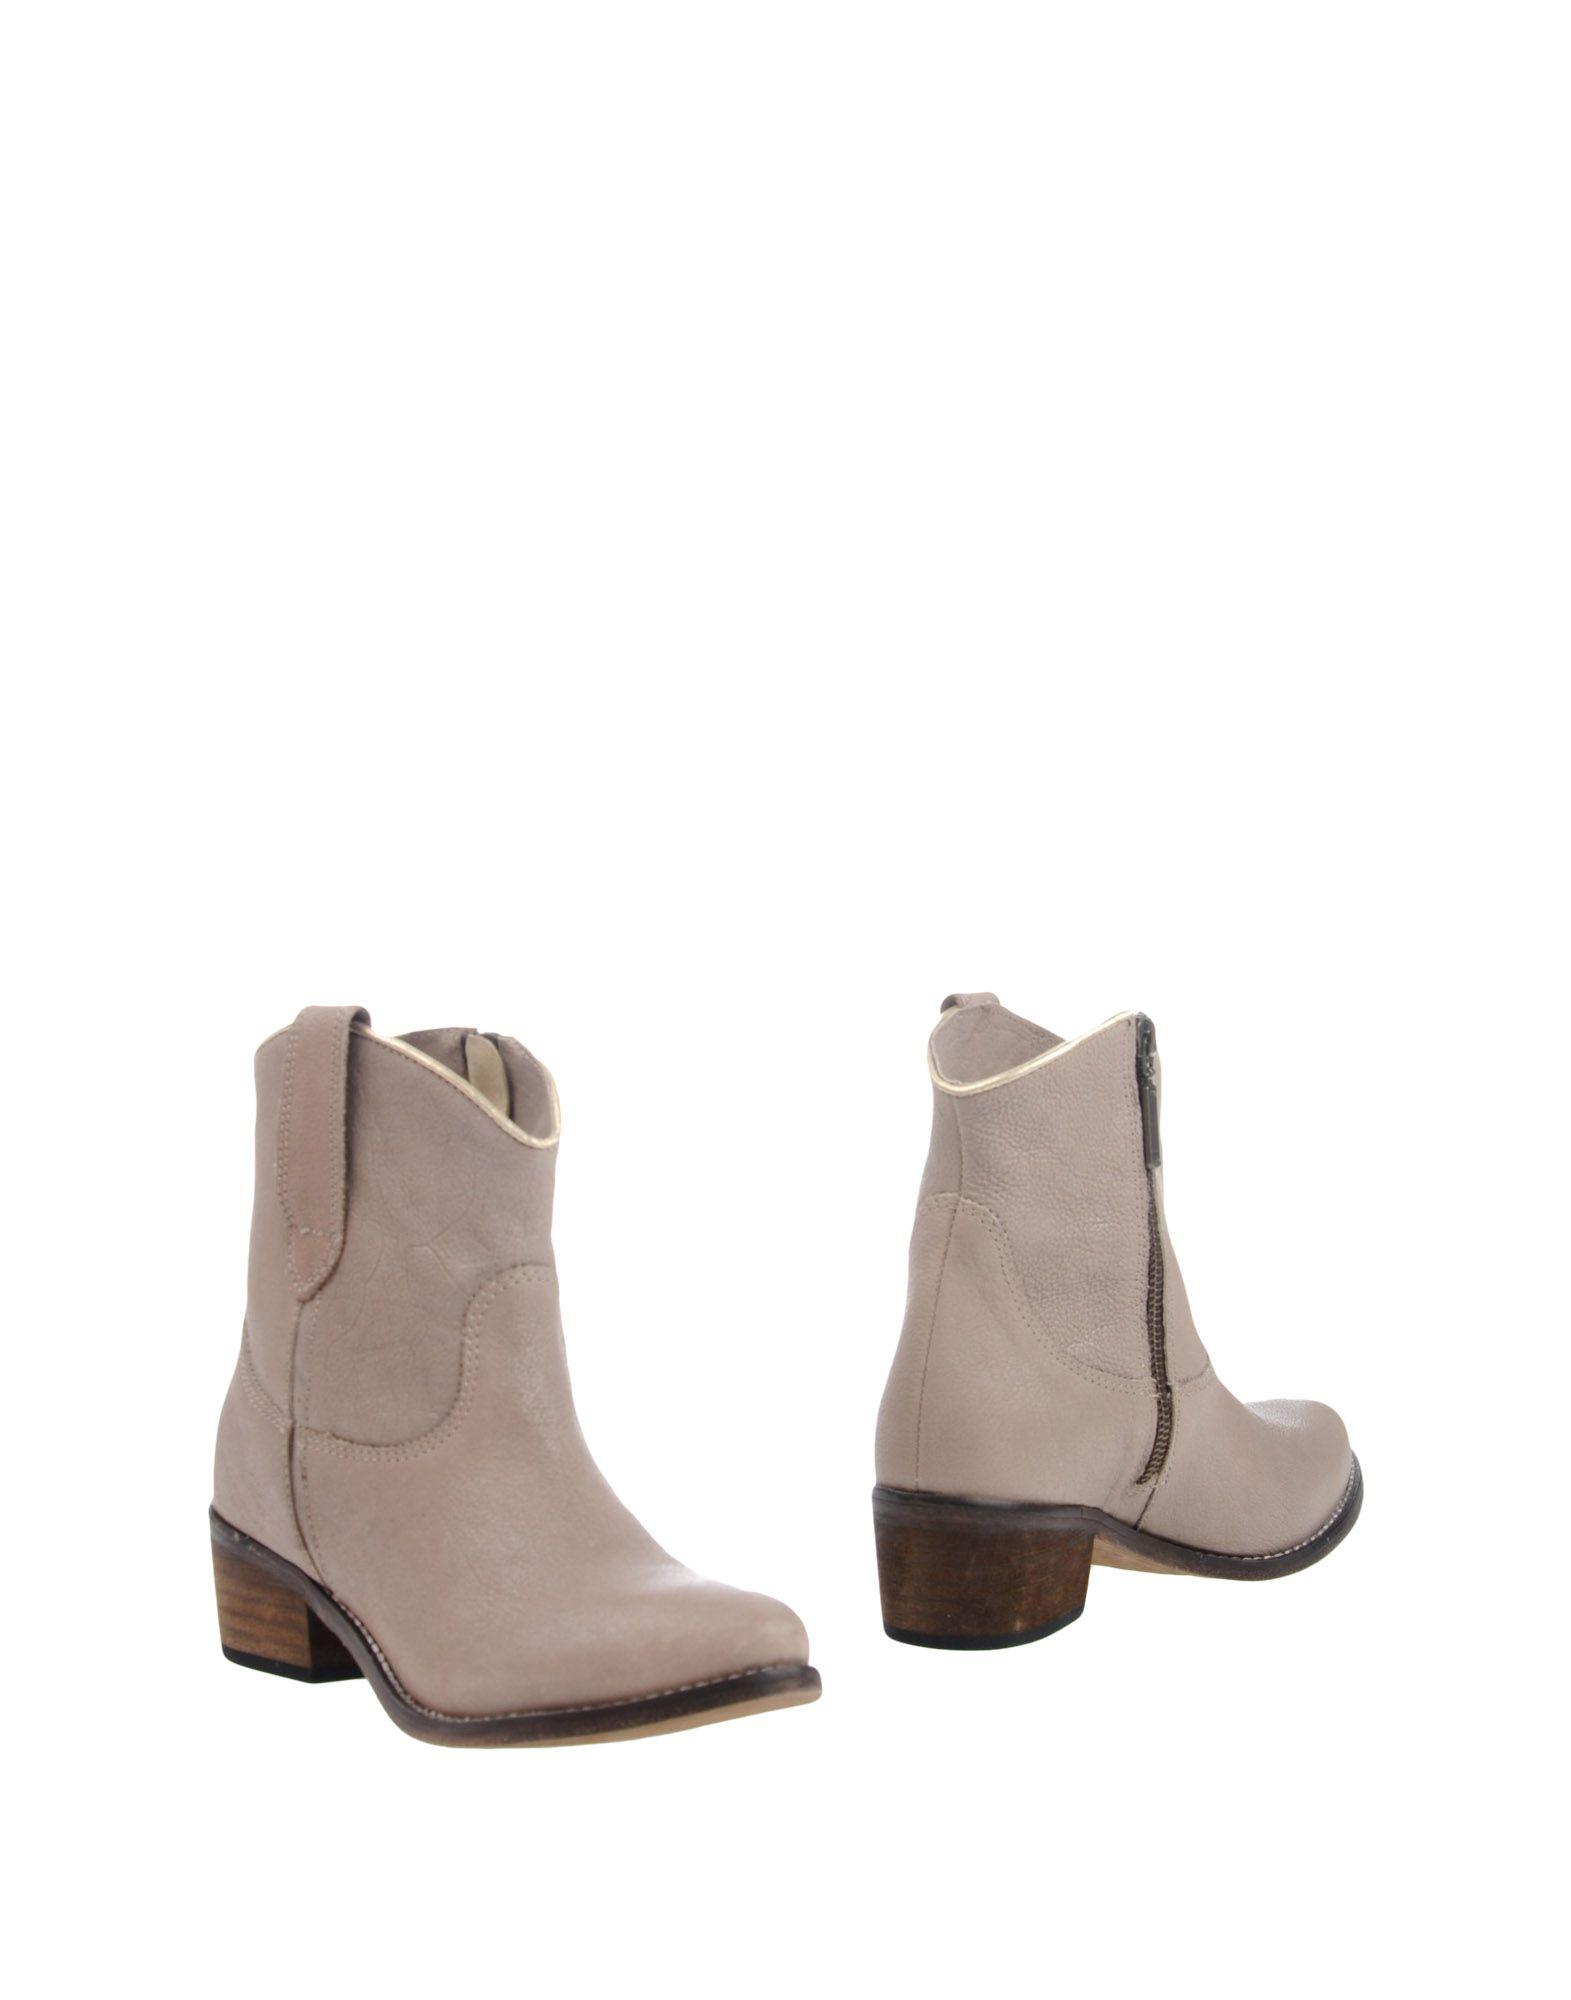 Günstige und modische Schuhe E.G.J. Stiefelette Damen  11251997CS